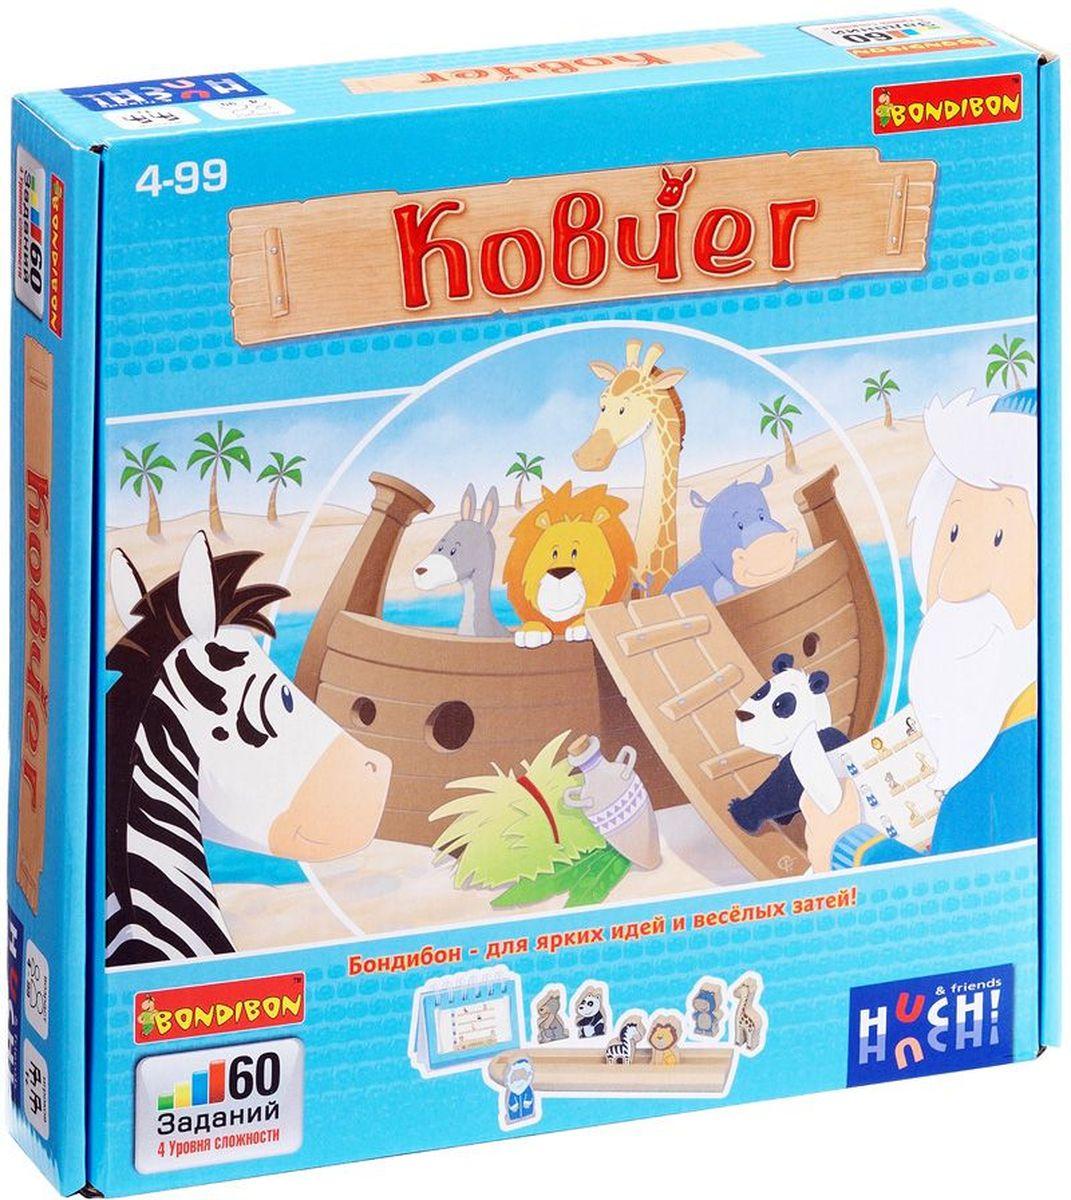 Bondibon Развивающая игра КовчегВВ0961-1Веселая игра с симпатичными зверушками. Играть в эту игру особенно приятно, когда на улице идет дождь и капли воды громко стучат по земле, прямо как во время Всемирного потопа. Все животные собираются спастись на деревянном Ноевом ковчеге. Помоги им сесть так, чтобы все поместились на маленькой лодке. Ной всегда впереди, он должен следить удобно ли его пассажирам, не ссорятся ли жираф с белым медведем, не толкаются ли слон и панда! Если вы правильно определите, в каком порядке должны сидеть животные в ковчеге, вы сможете решить задачку и спасти их всех. Это непростая работа! В игре целых 60 заданий! Реши их все! Помоги зверям спастись! Игра выполнена из качественной древесины, играть с милыми зверушками будет приятно и детям и увлеченным взрослым. Игра знакомит малышей с различными животными, развивает логическое и пространственное мышление.